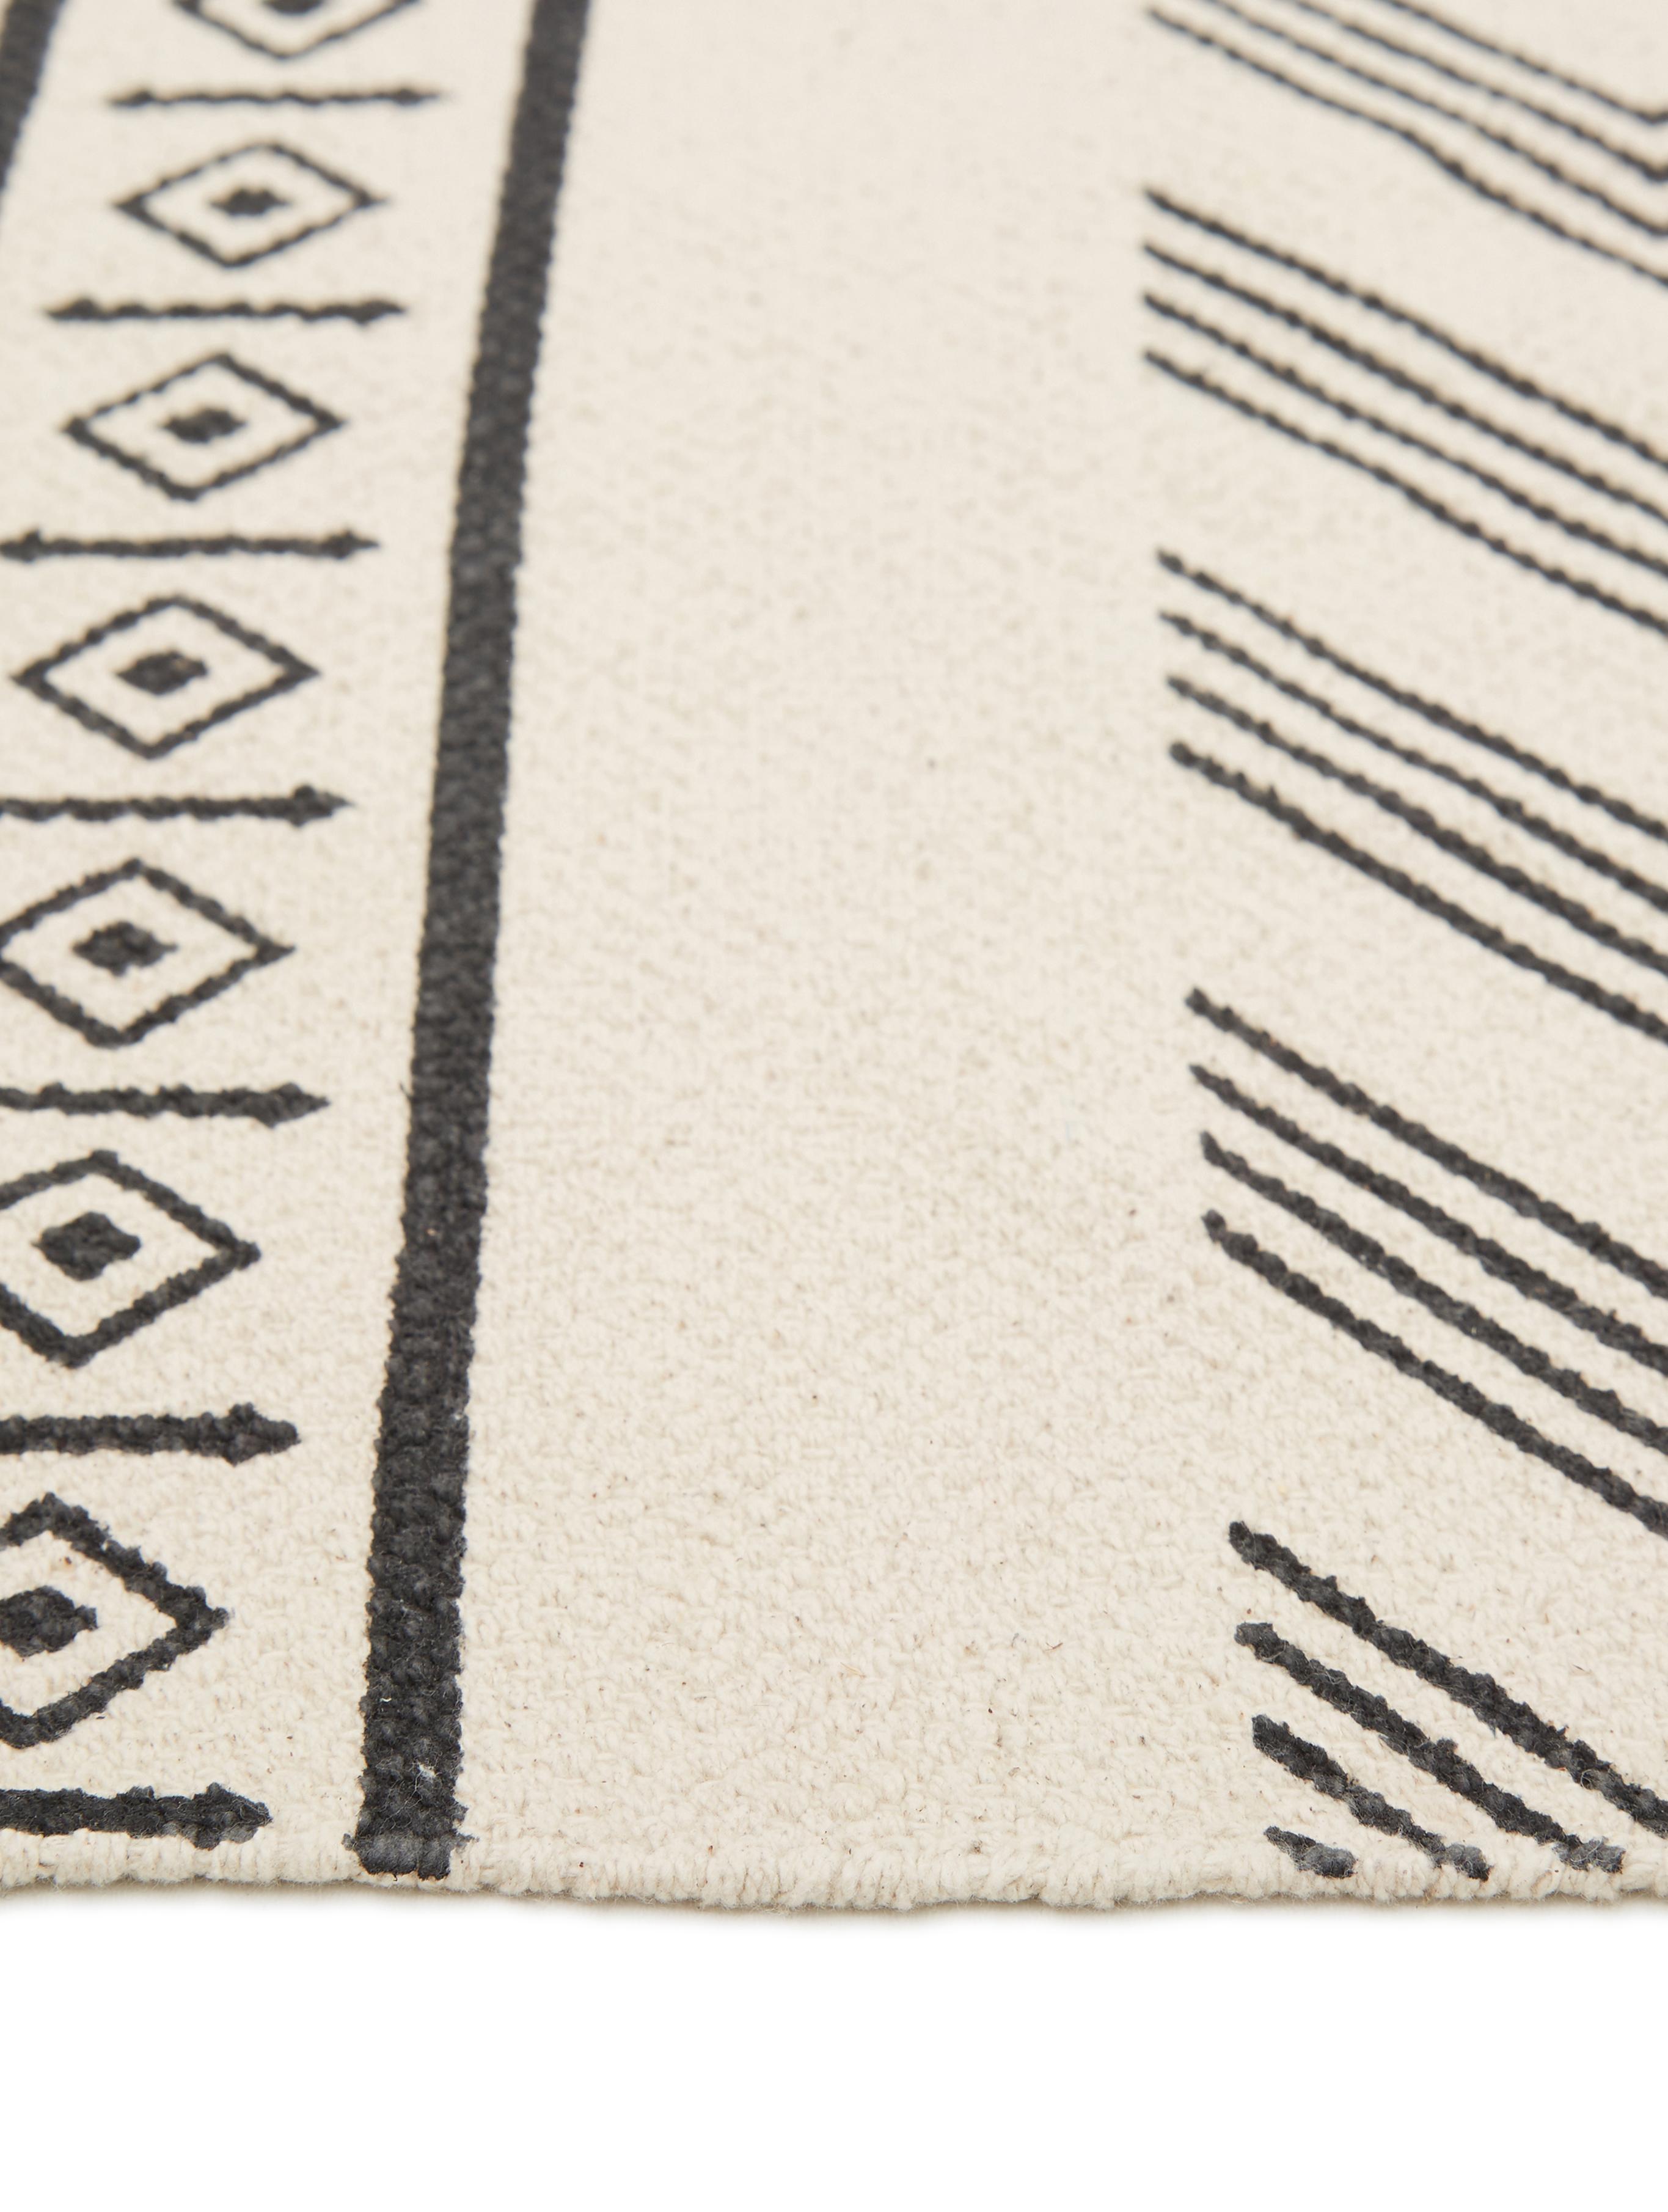 Ręcznie tkany dywan z bawełny Edna, Bawełna, Kremowobiały, czarny, S 120 x D 180 cm  (Rozmiar S)